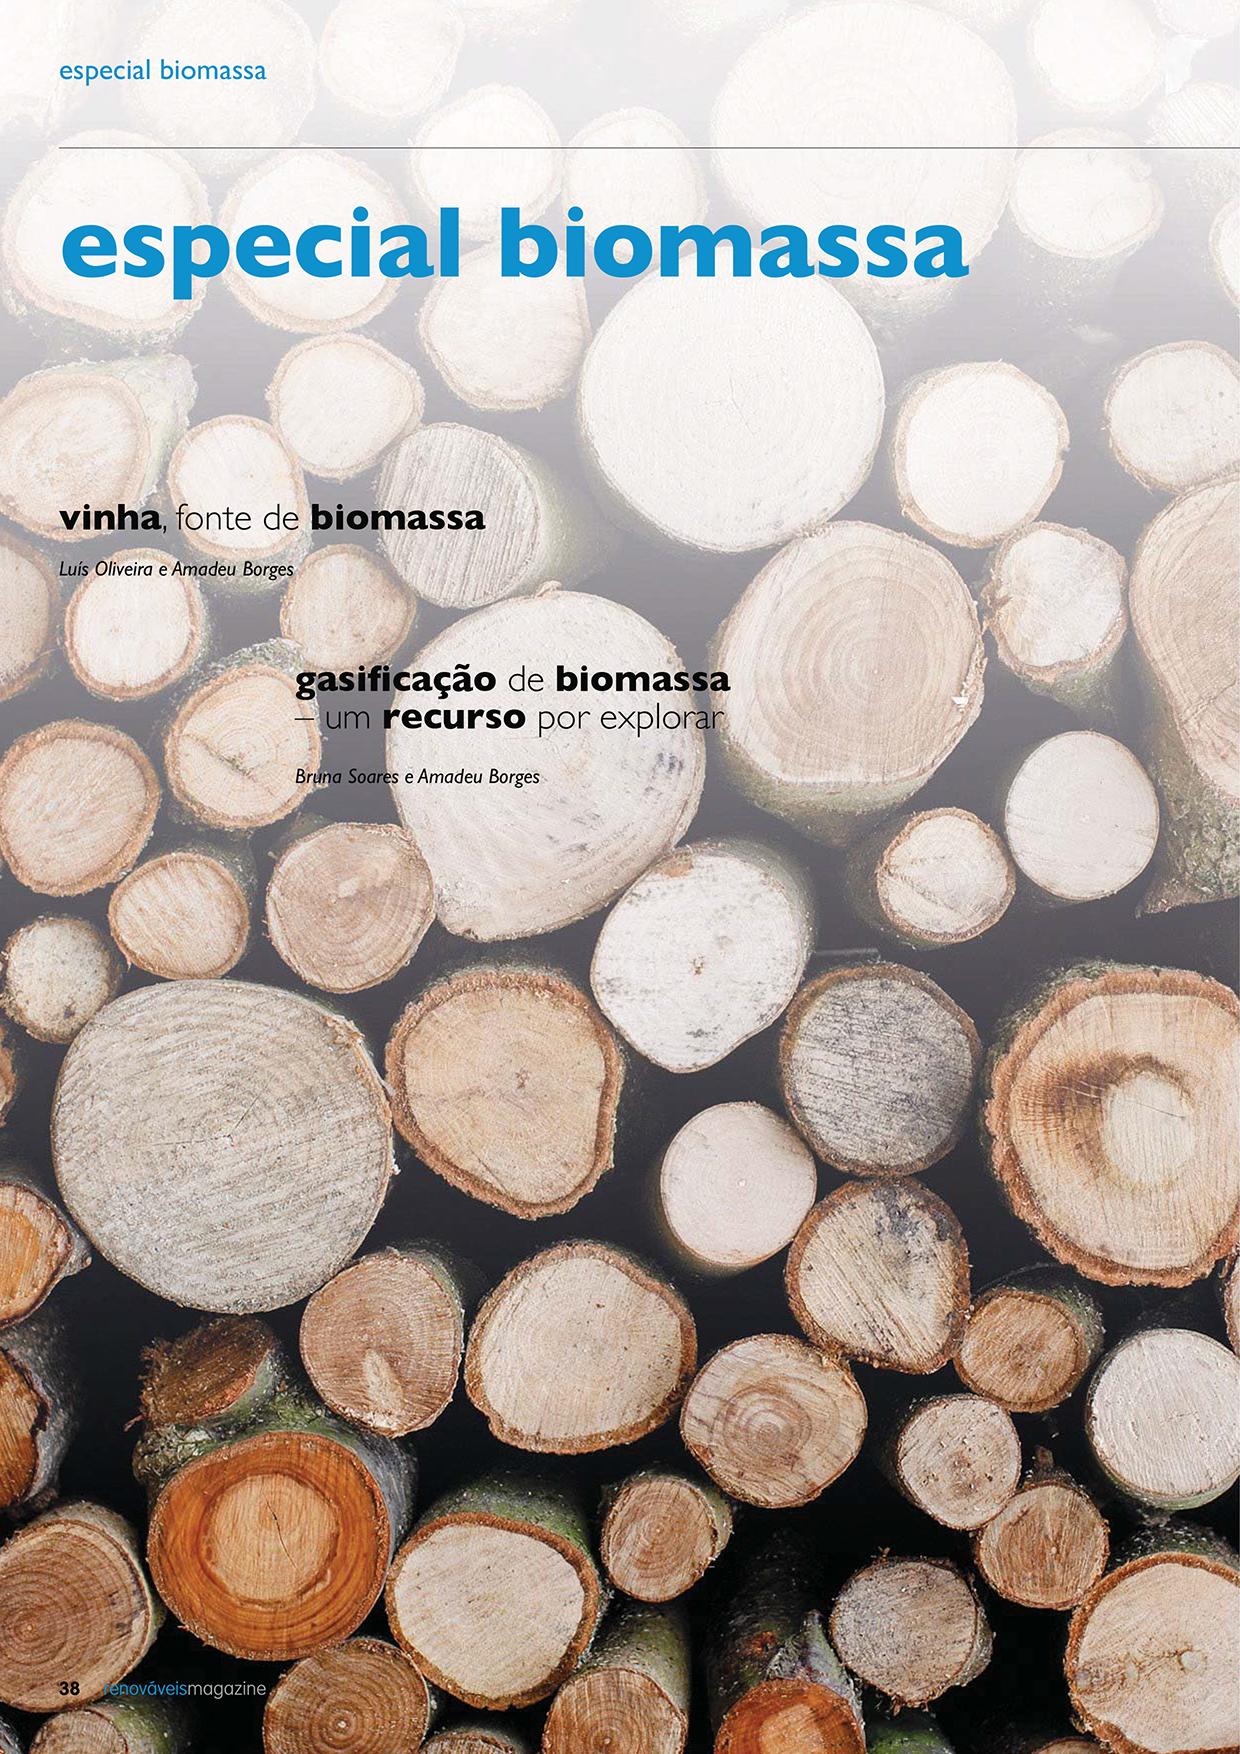 Dossier sobre o Especial biomassa